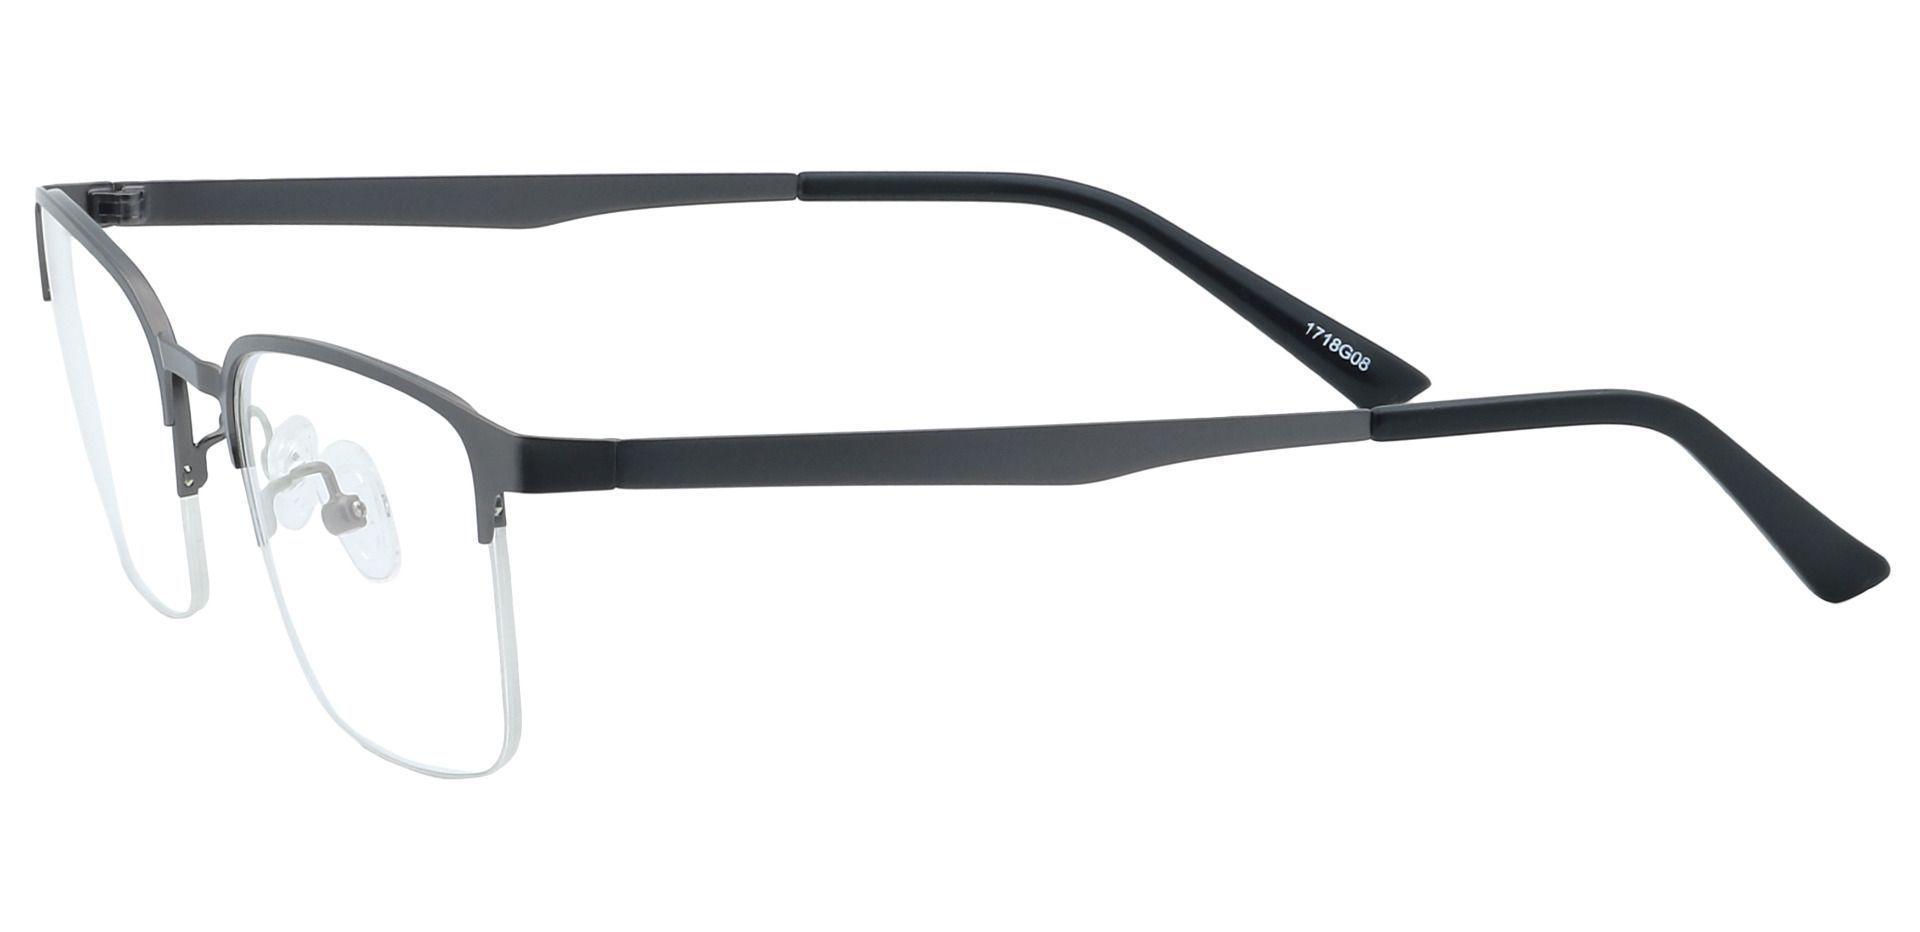 Eden Square Prescription Glasses - Gray